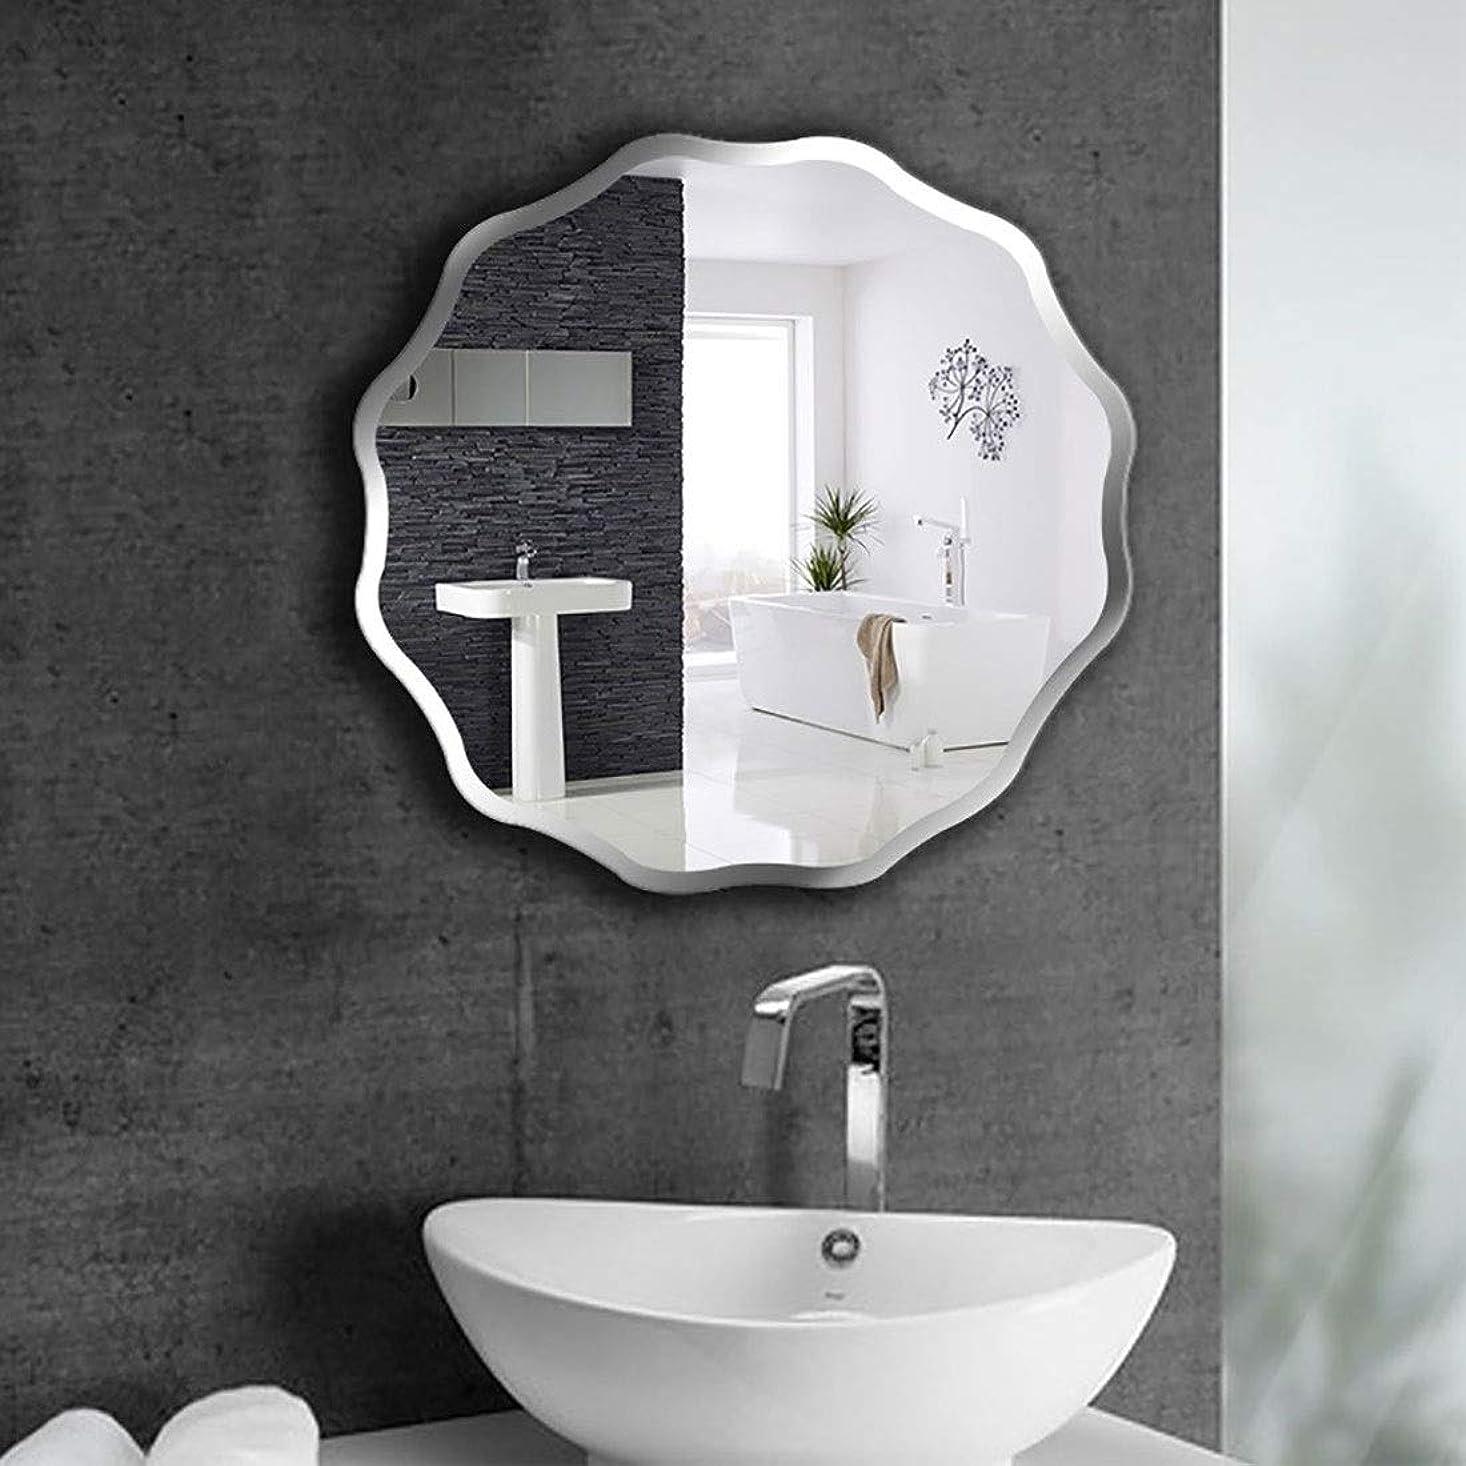 八ルート作成者メイクアップミラー, シンプルなラウンドバスルームミラー、メイクアップミラー、バニティミラー、波状エッジフレーム、バスルーム装飾 浴室用化粧鏡 (Size : 50X50CM)